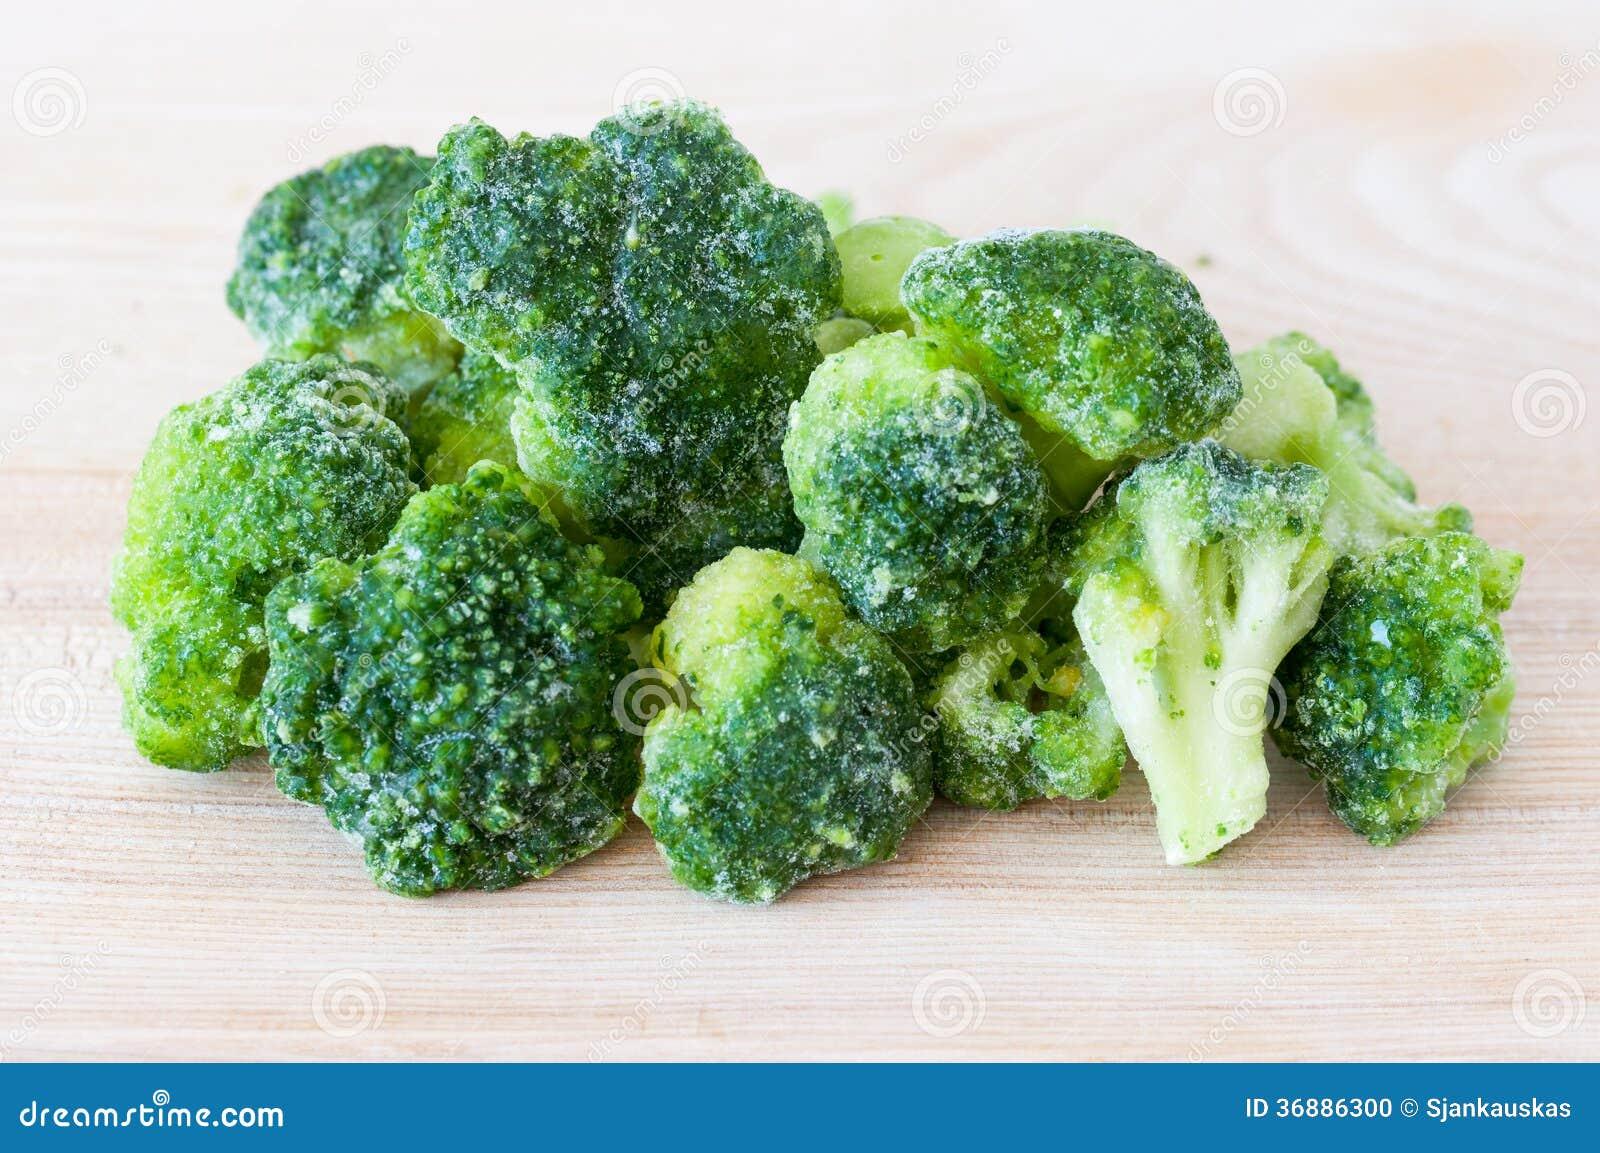 Download Broccoli Congelati Sul Tagliere Fotografia Stock - Immagine di sano, vegetariano: 36886300